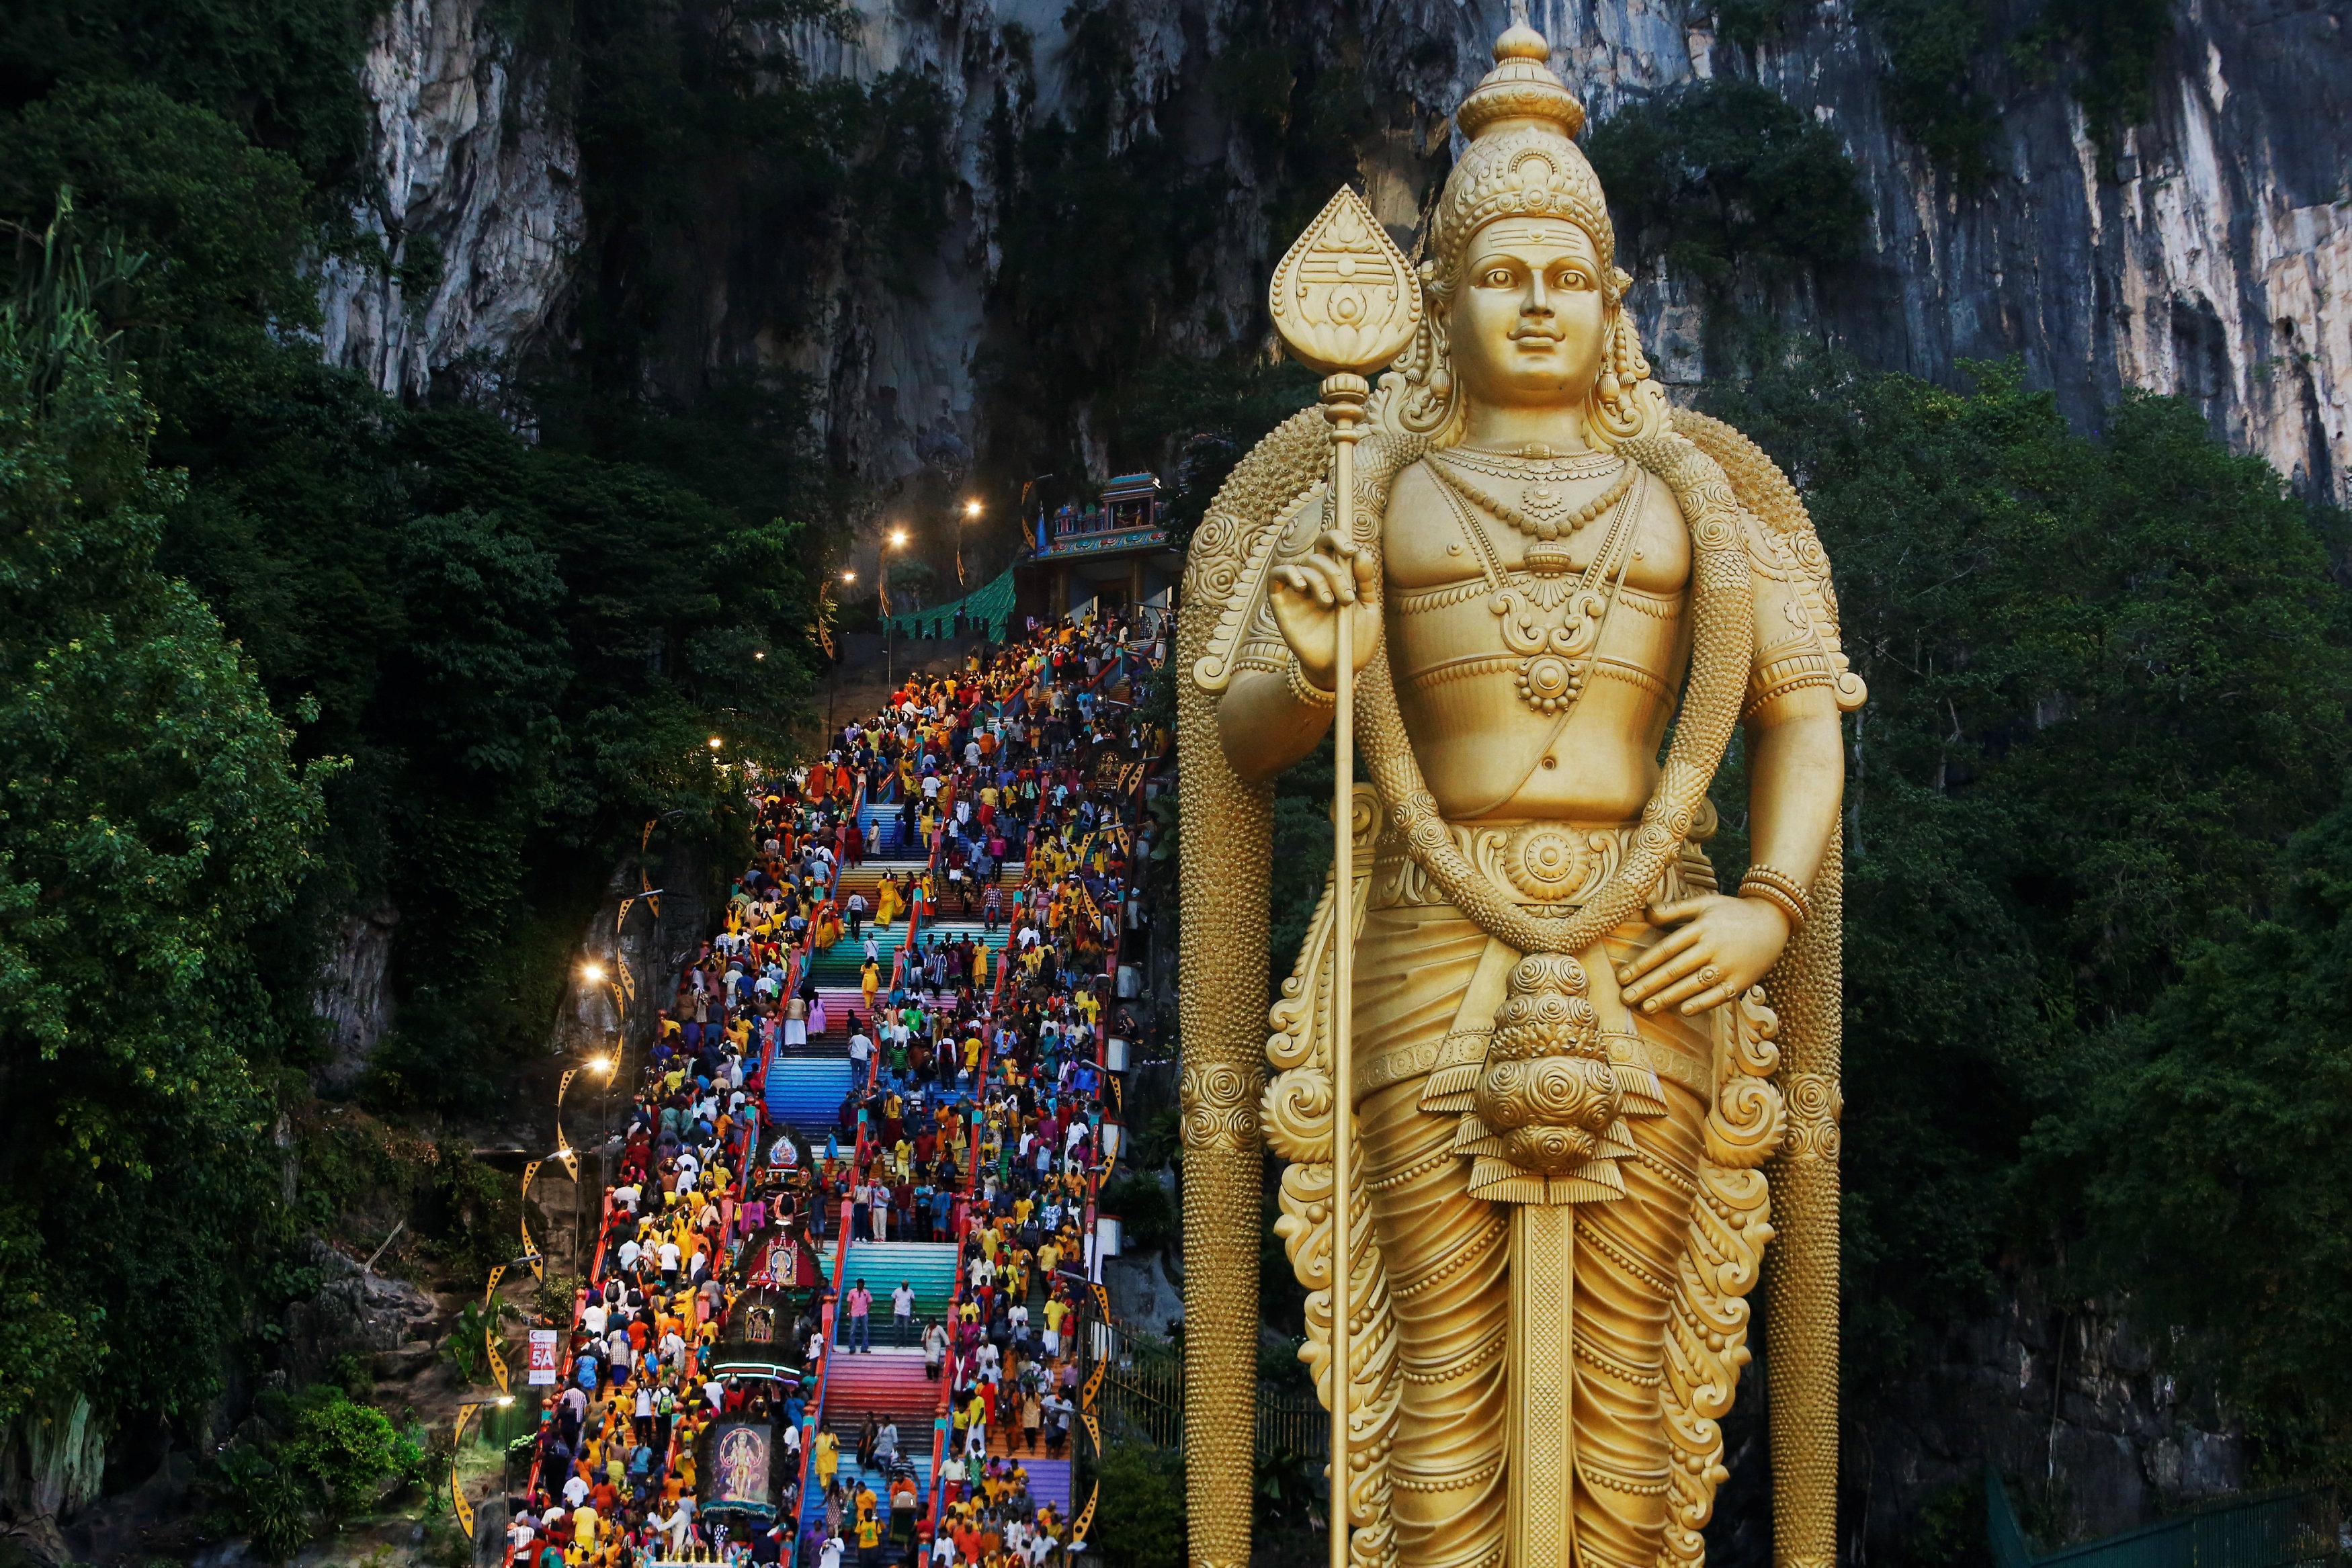 احتفالات دموية فى ماليزيا  (9)